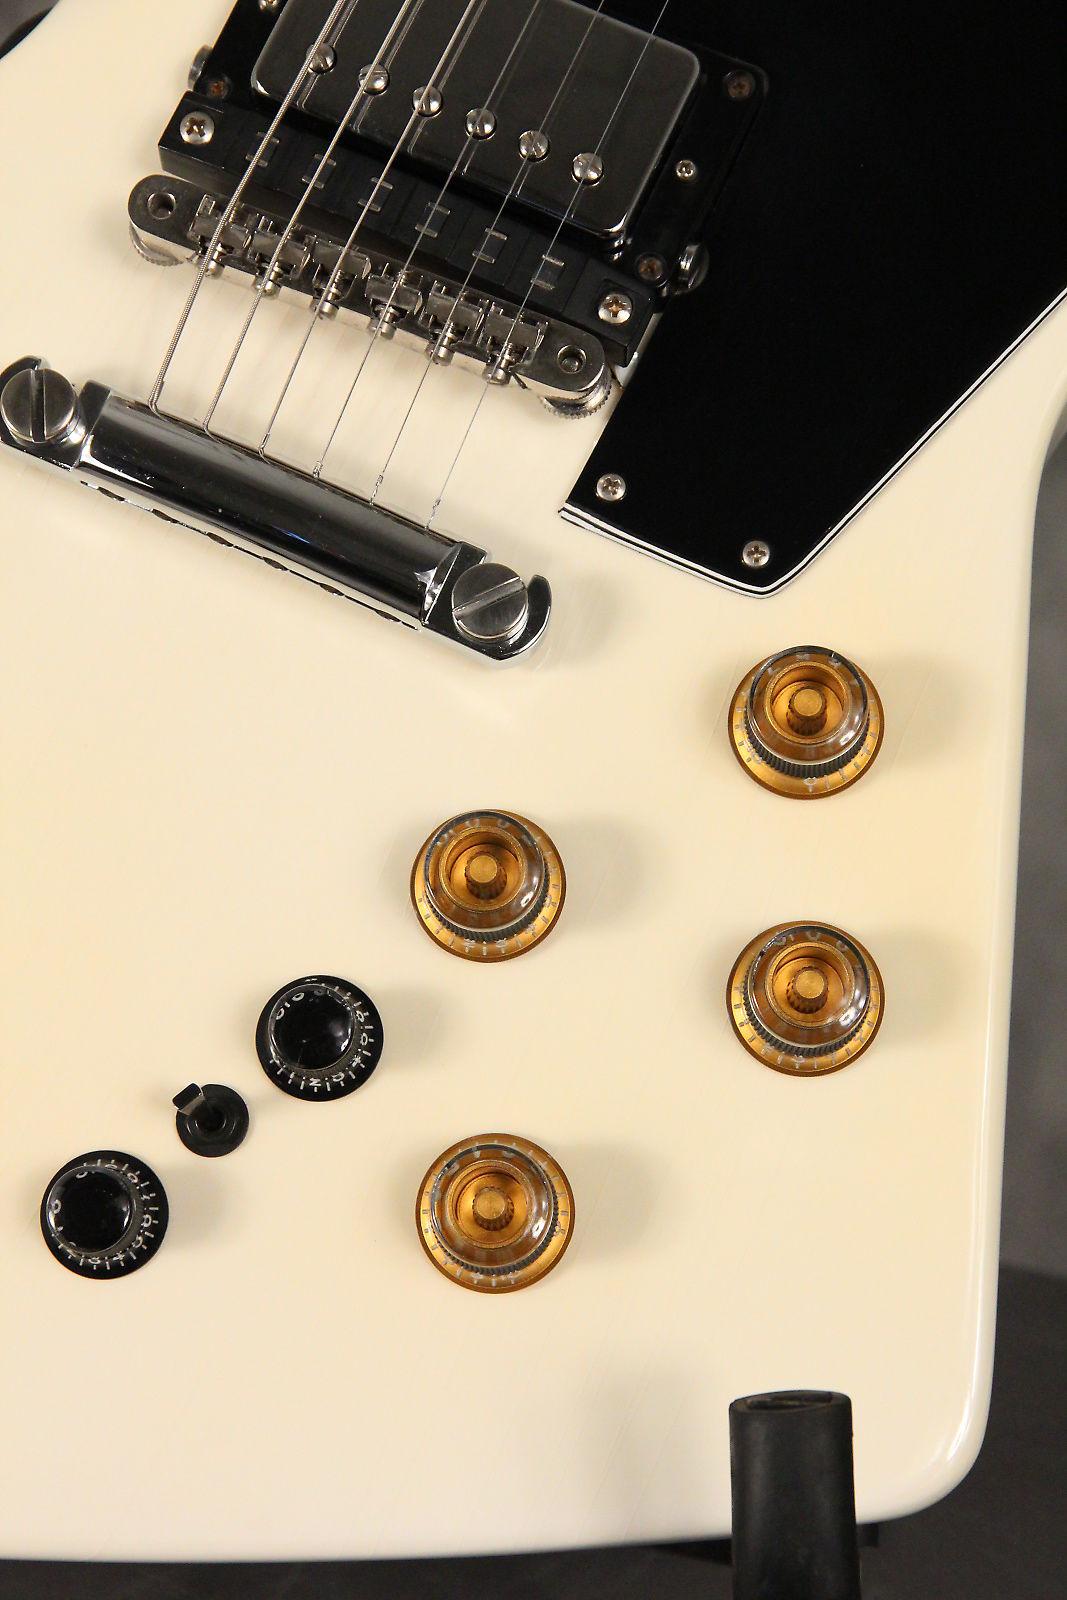 Gibson Explorer Roland Guitar Synth Controller